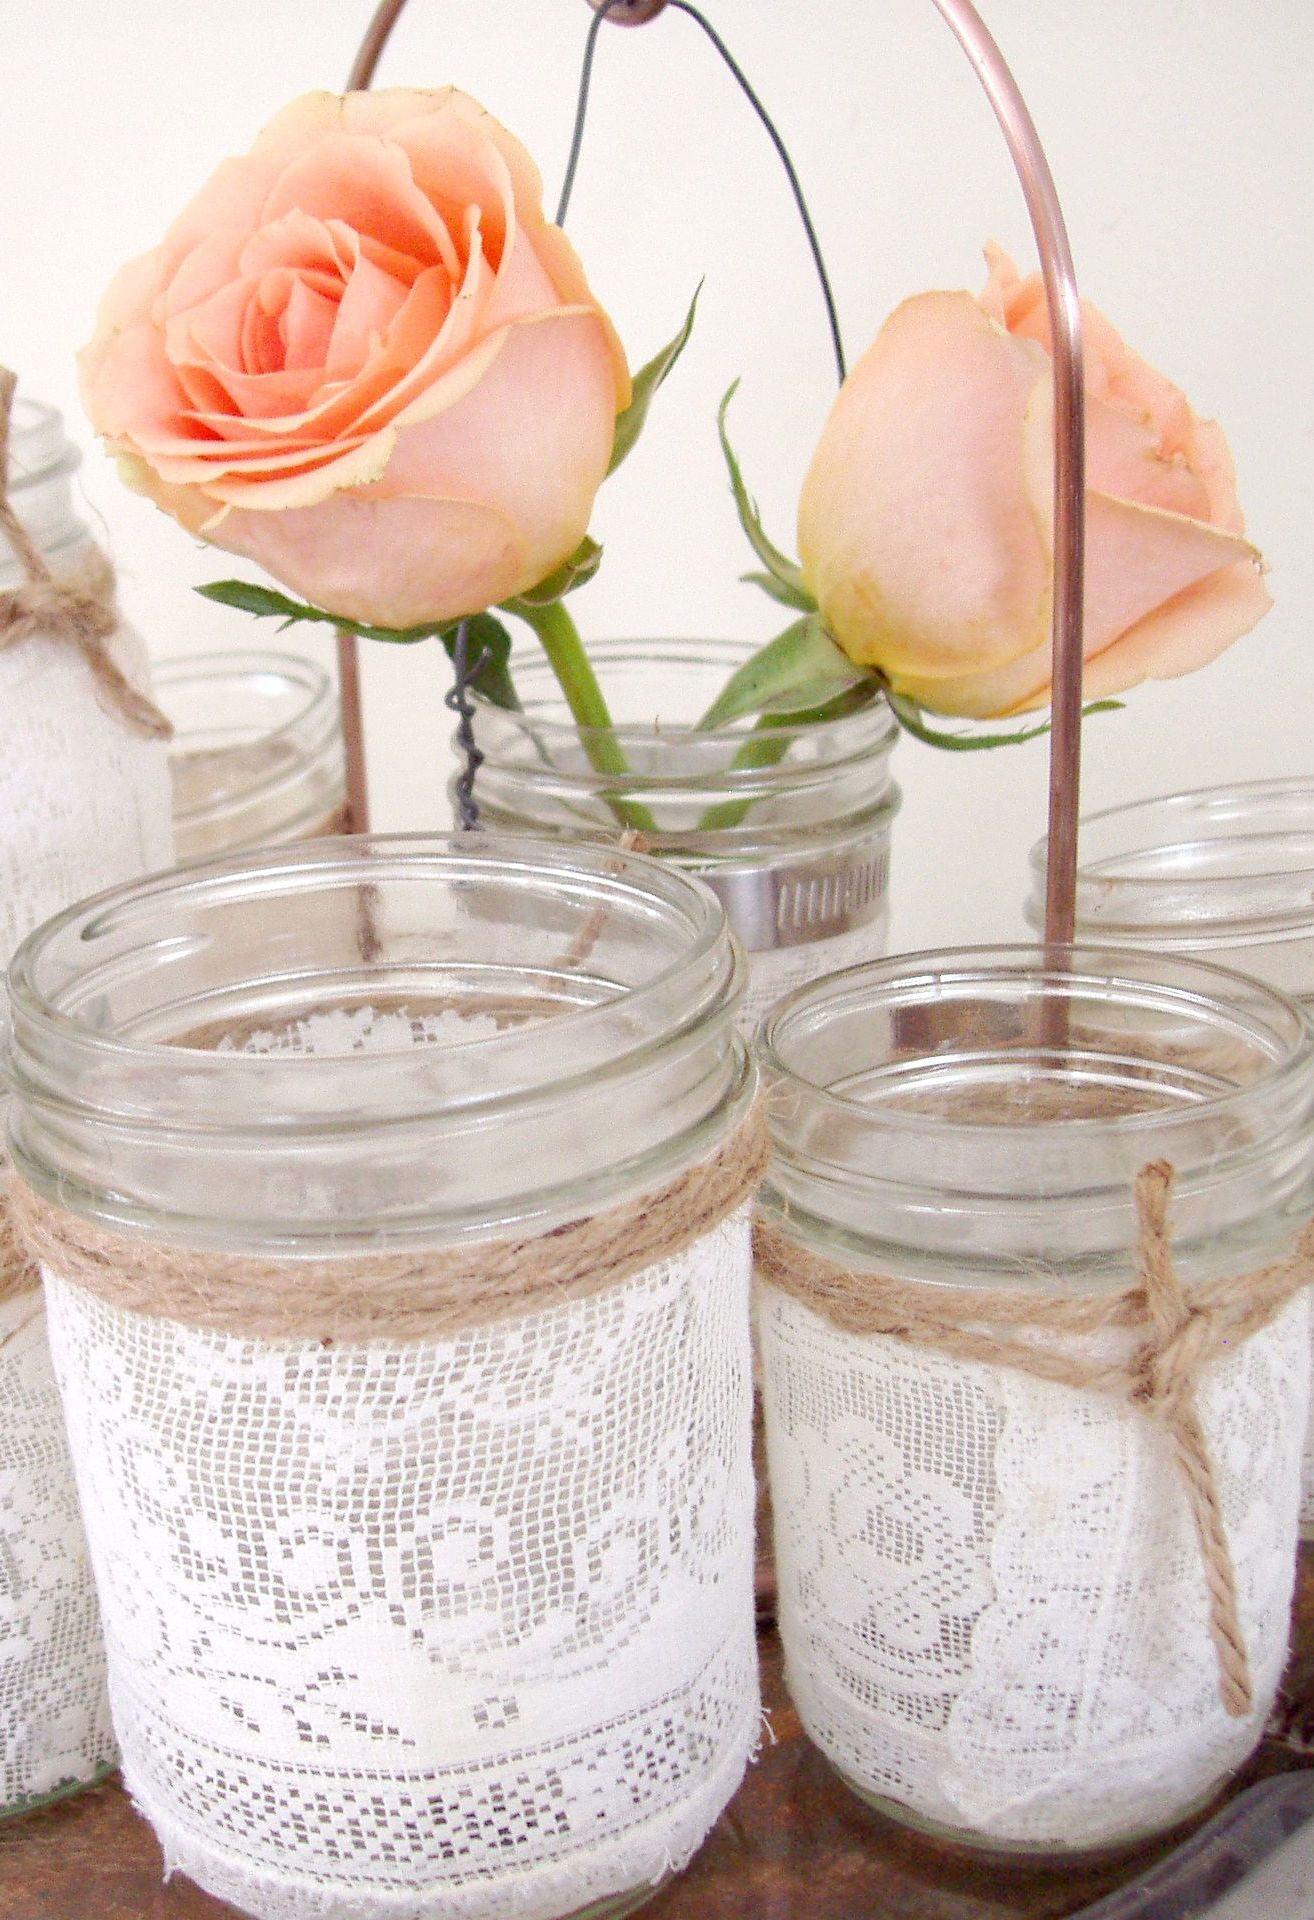 Em um pequeno frasco para abrigar uma vela, agregue com o tecido de renda